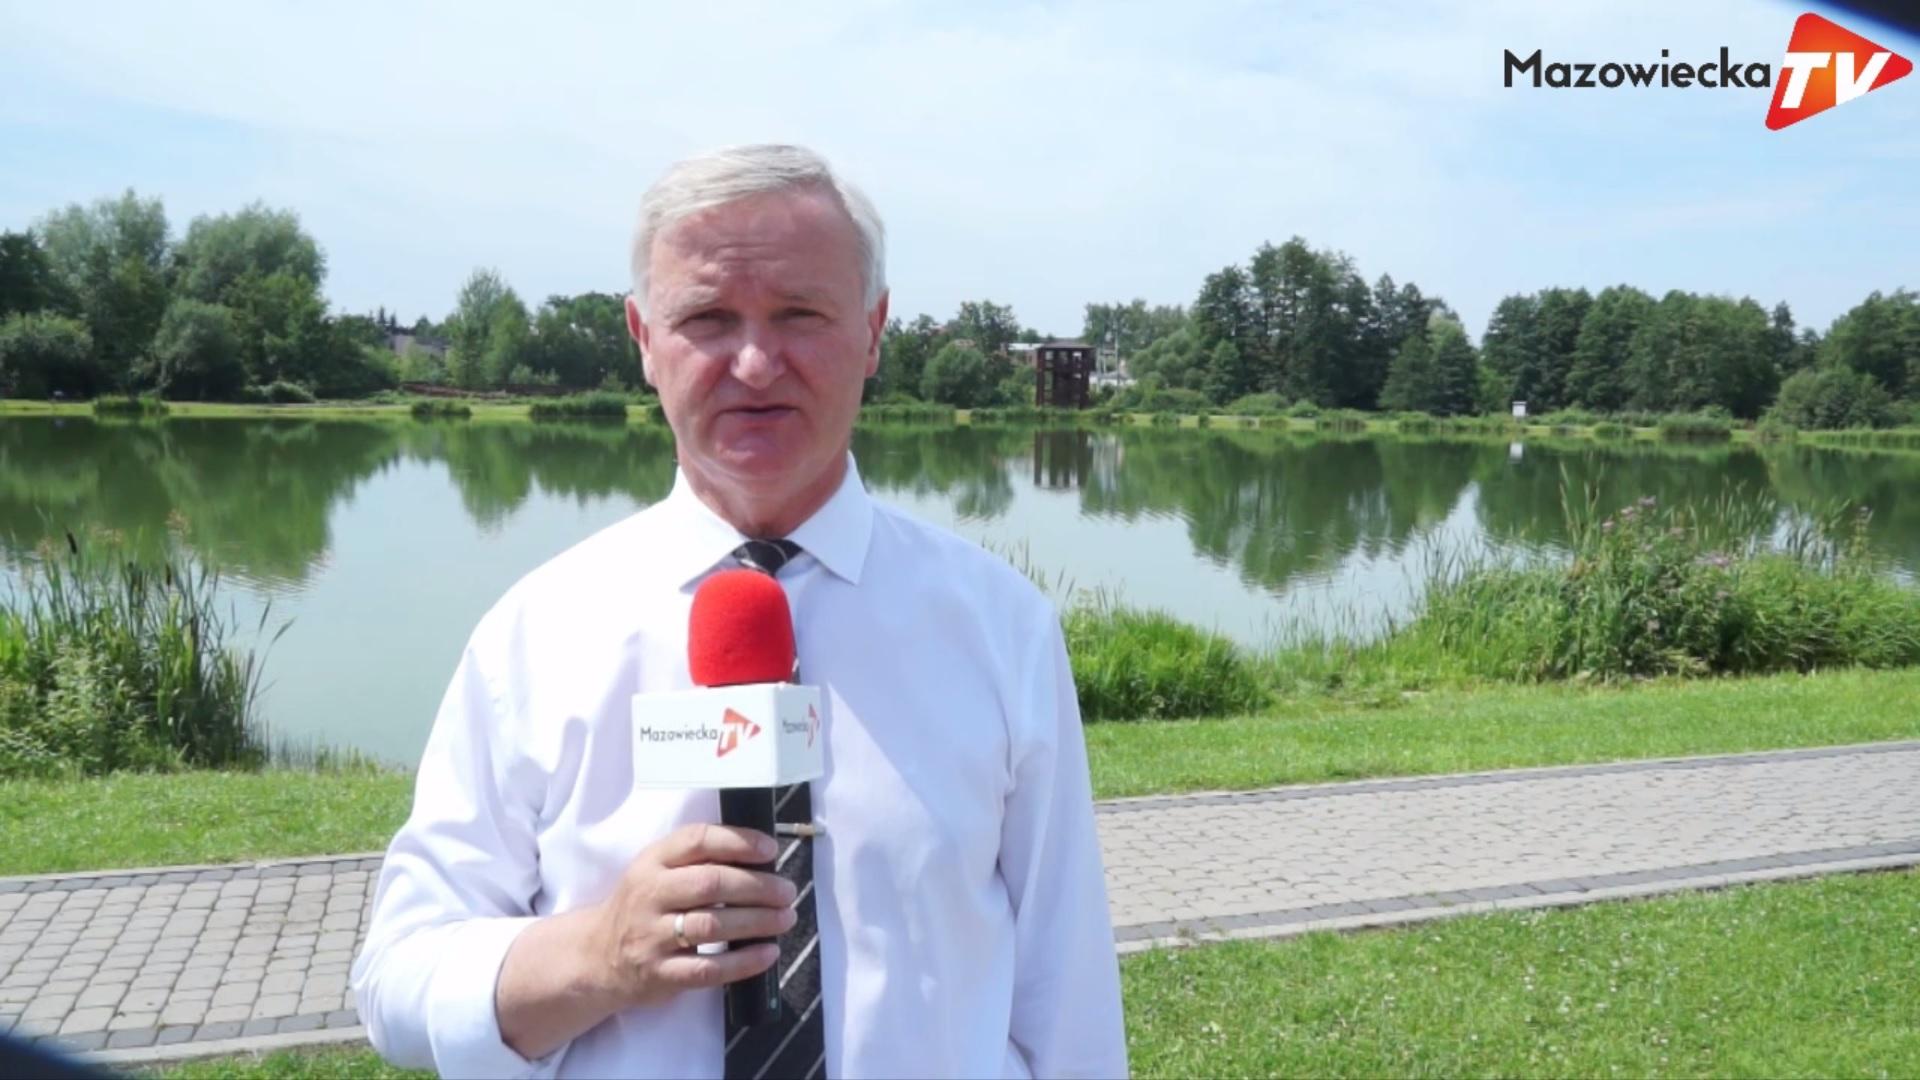 Burmistrz Sławomir Chmielewski podsumował inaugurację obchodów 700-lecia nadania praw miejskich Mogielnicy